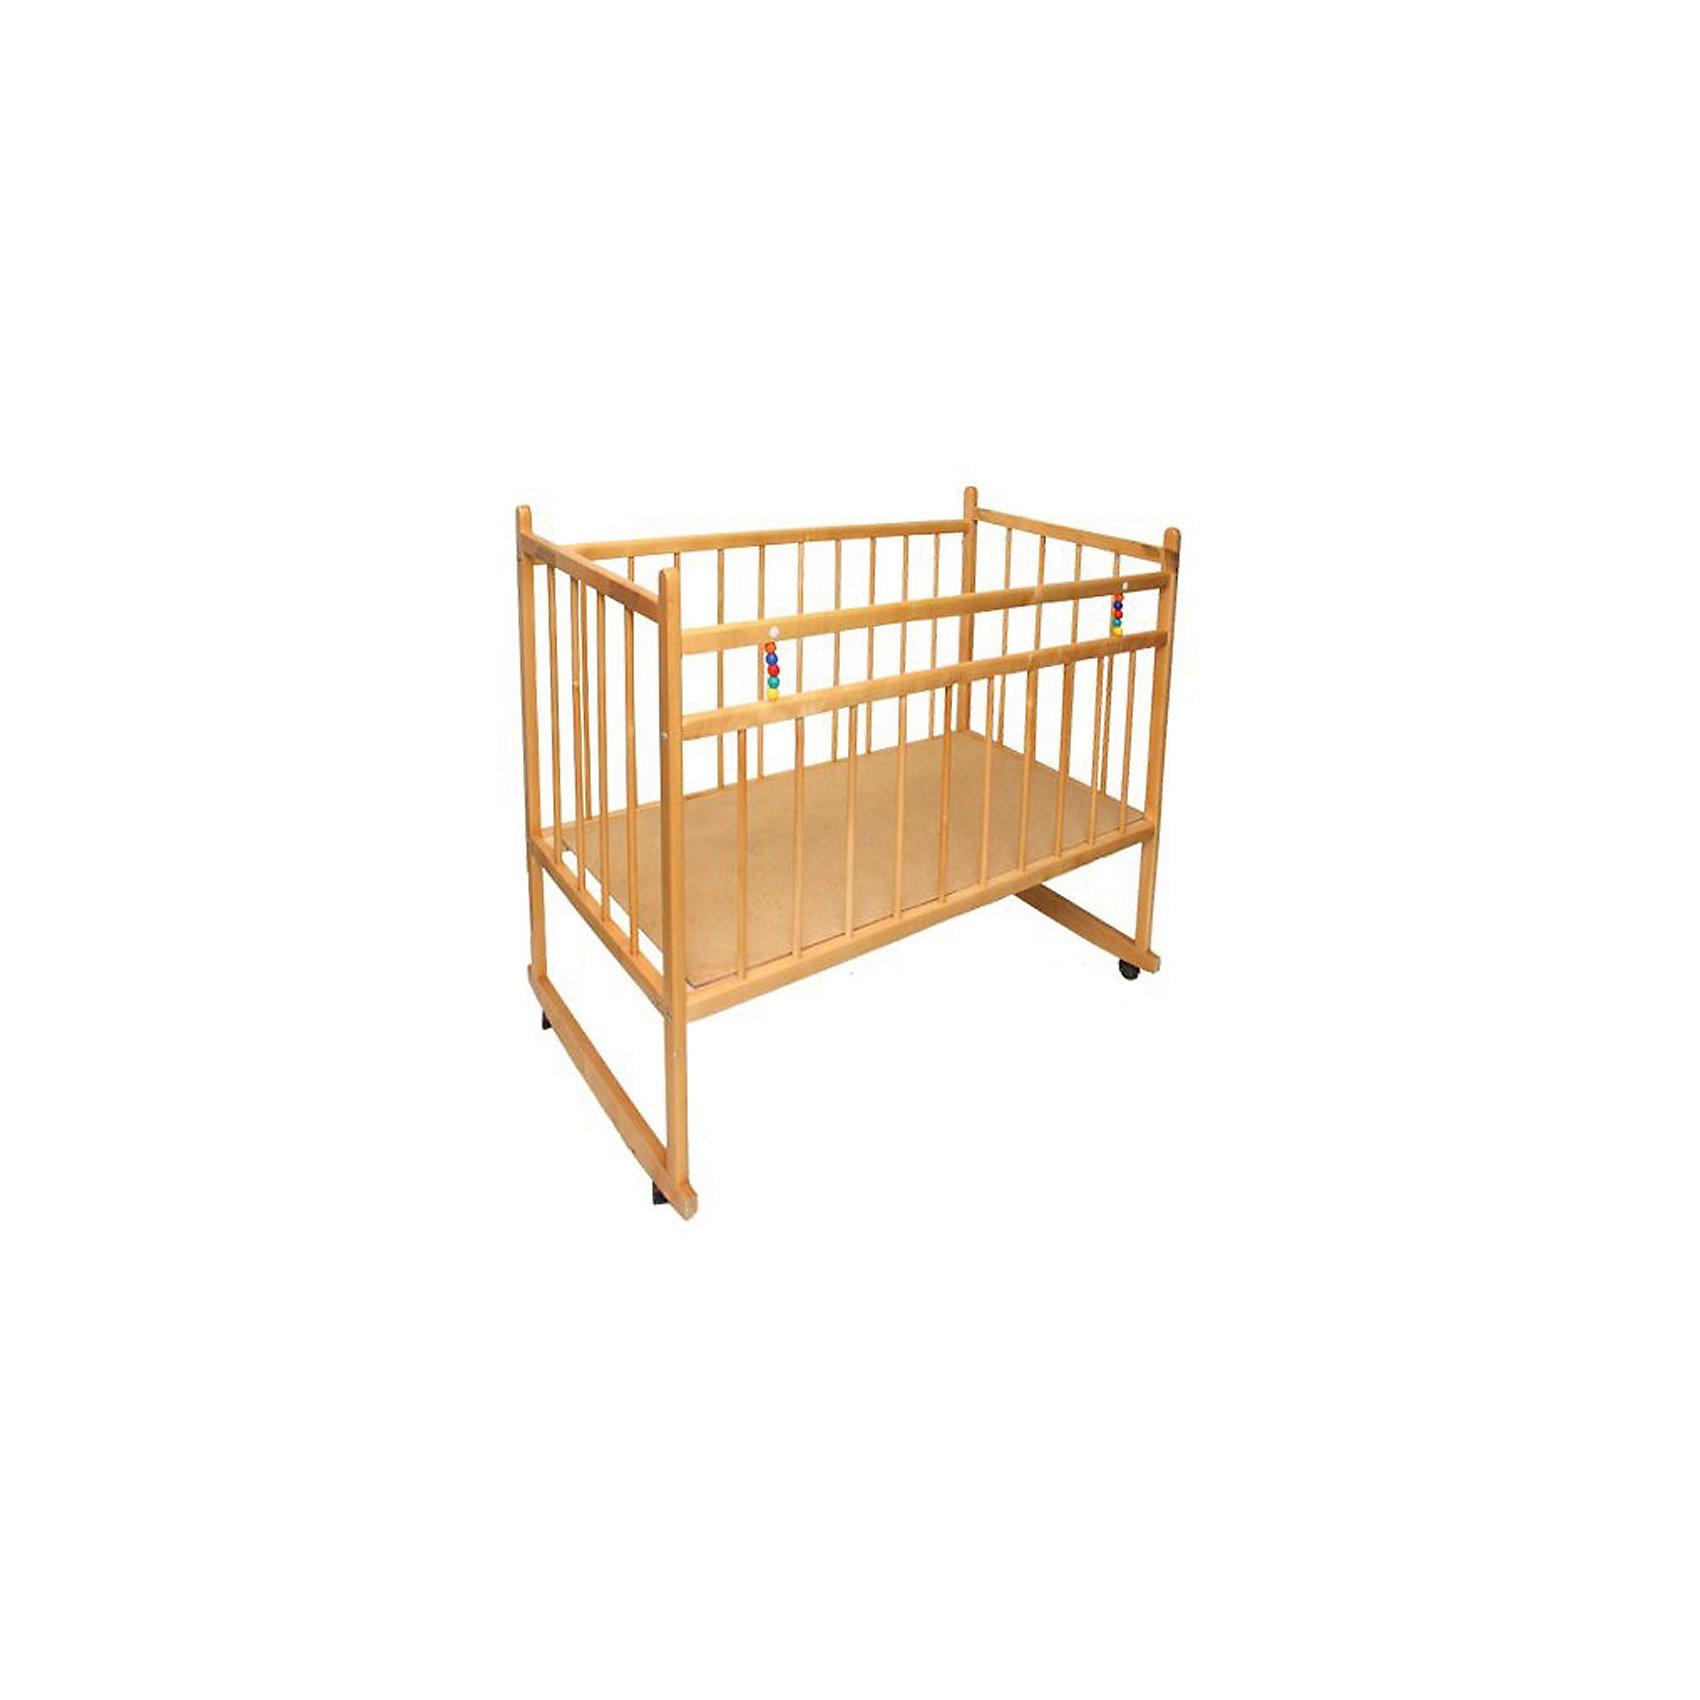 - Кроватка-качалка Мишутка 13, светлая обычная кроватка уренская мебельная фабрика мишутка 14 с ящиком темная